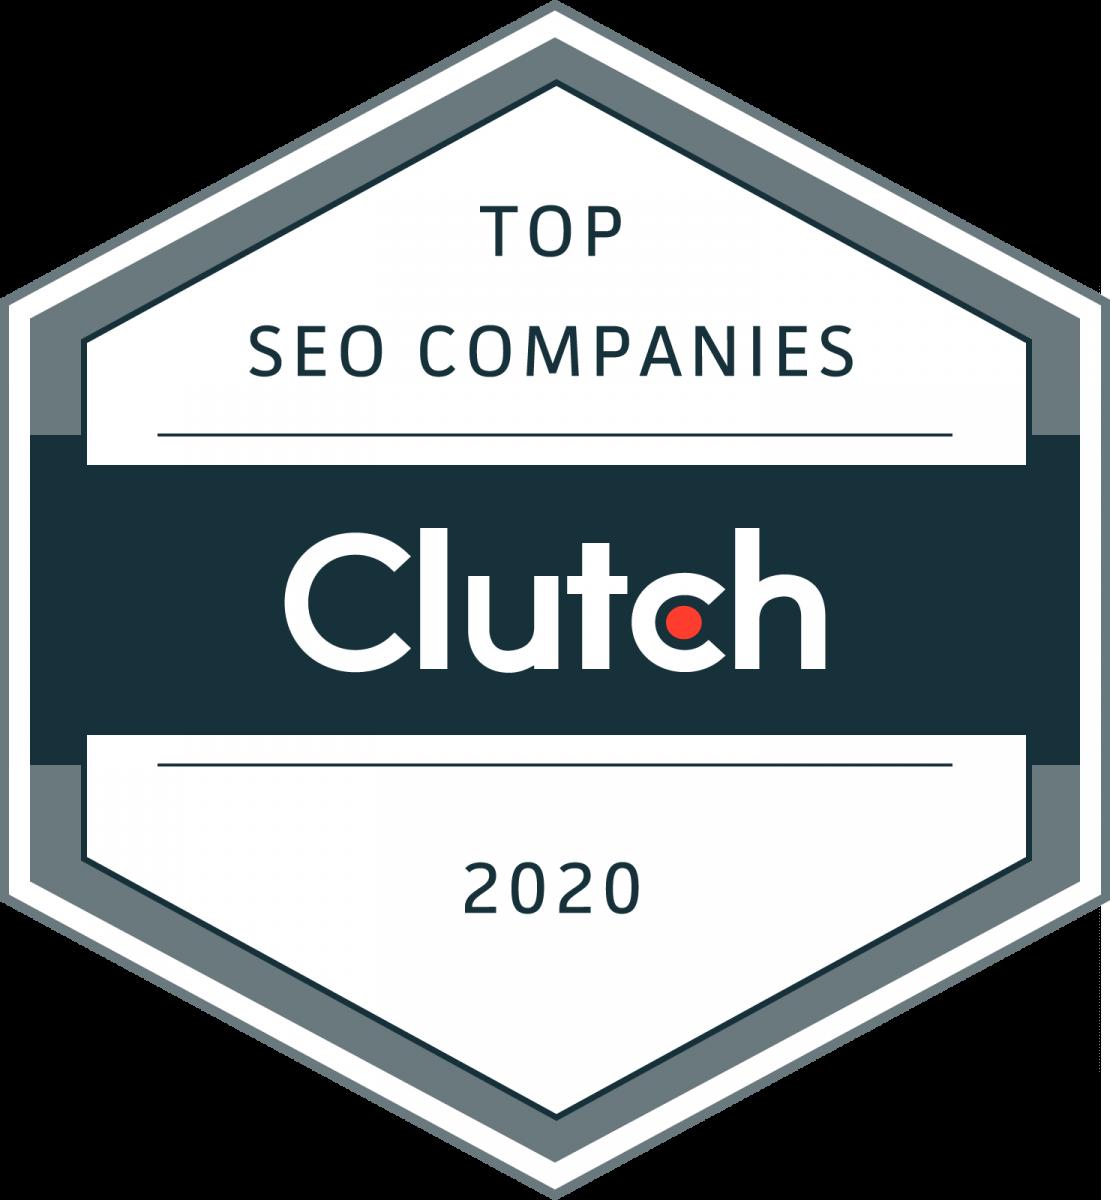 clutch-seo-2020